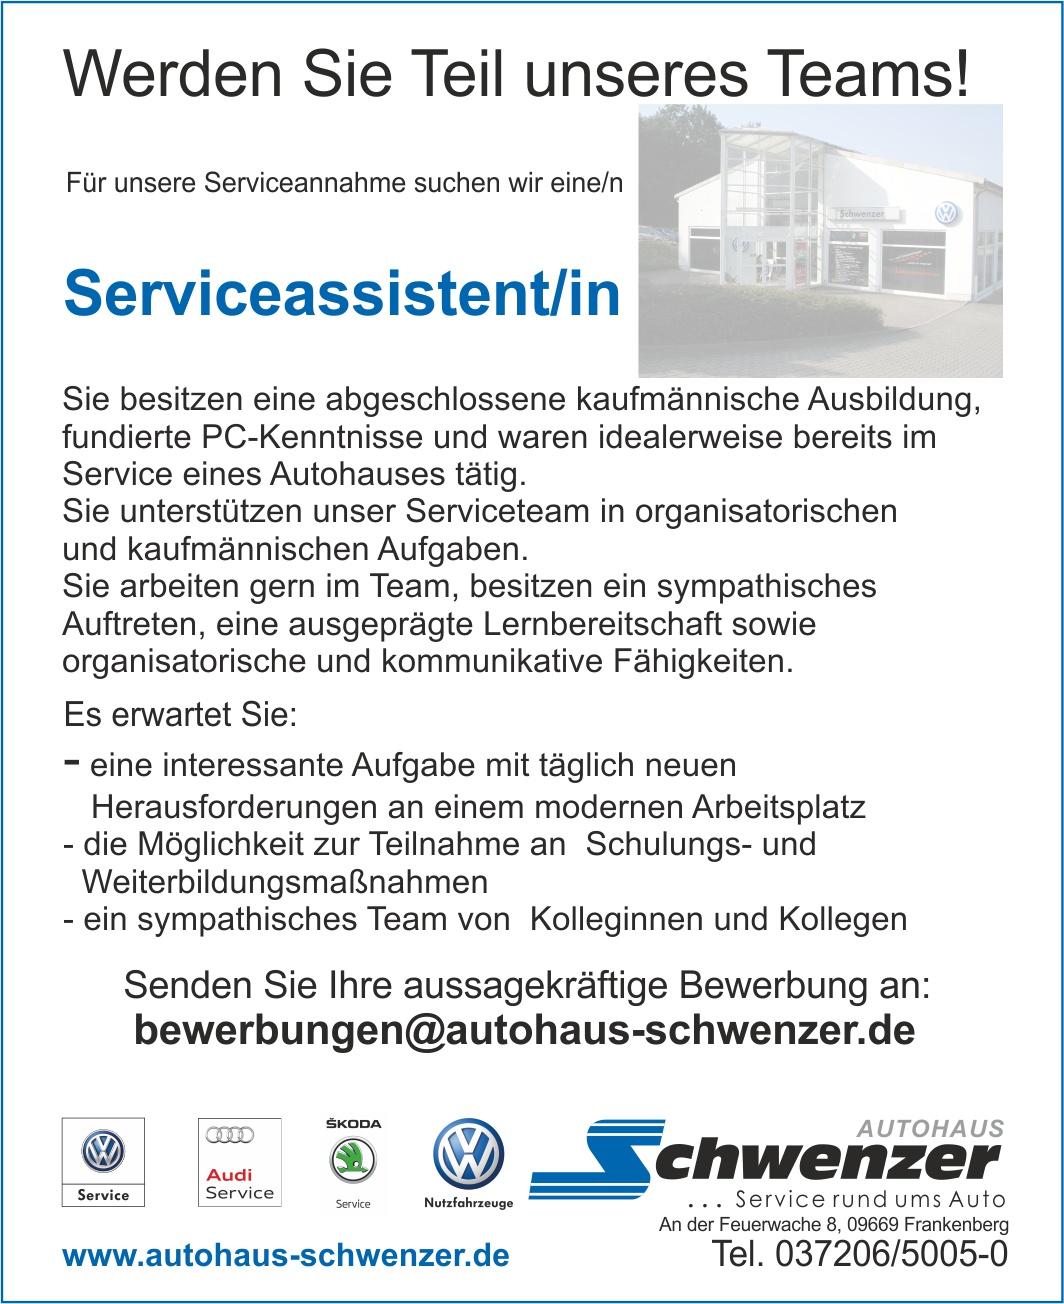 stellenanzeige serviceassistentin 06 2018 - Audi Bewerbung Online